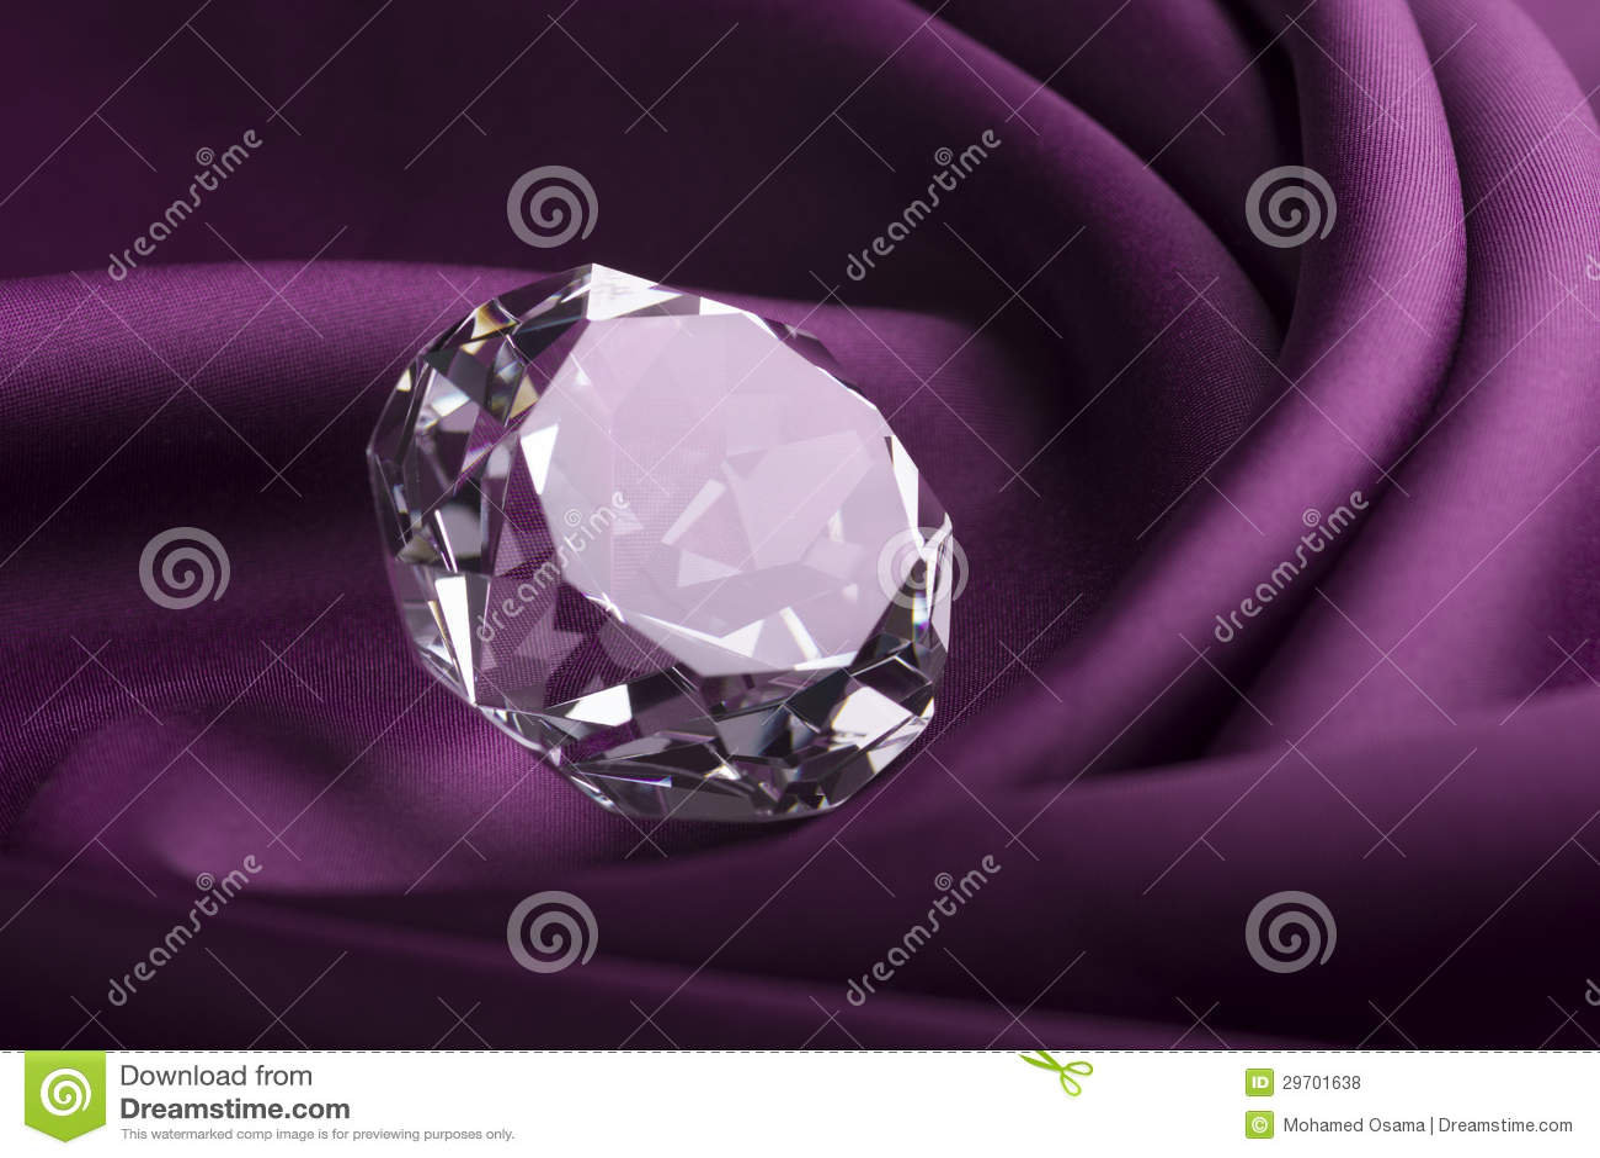 Shiny Diamond